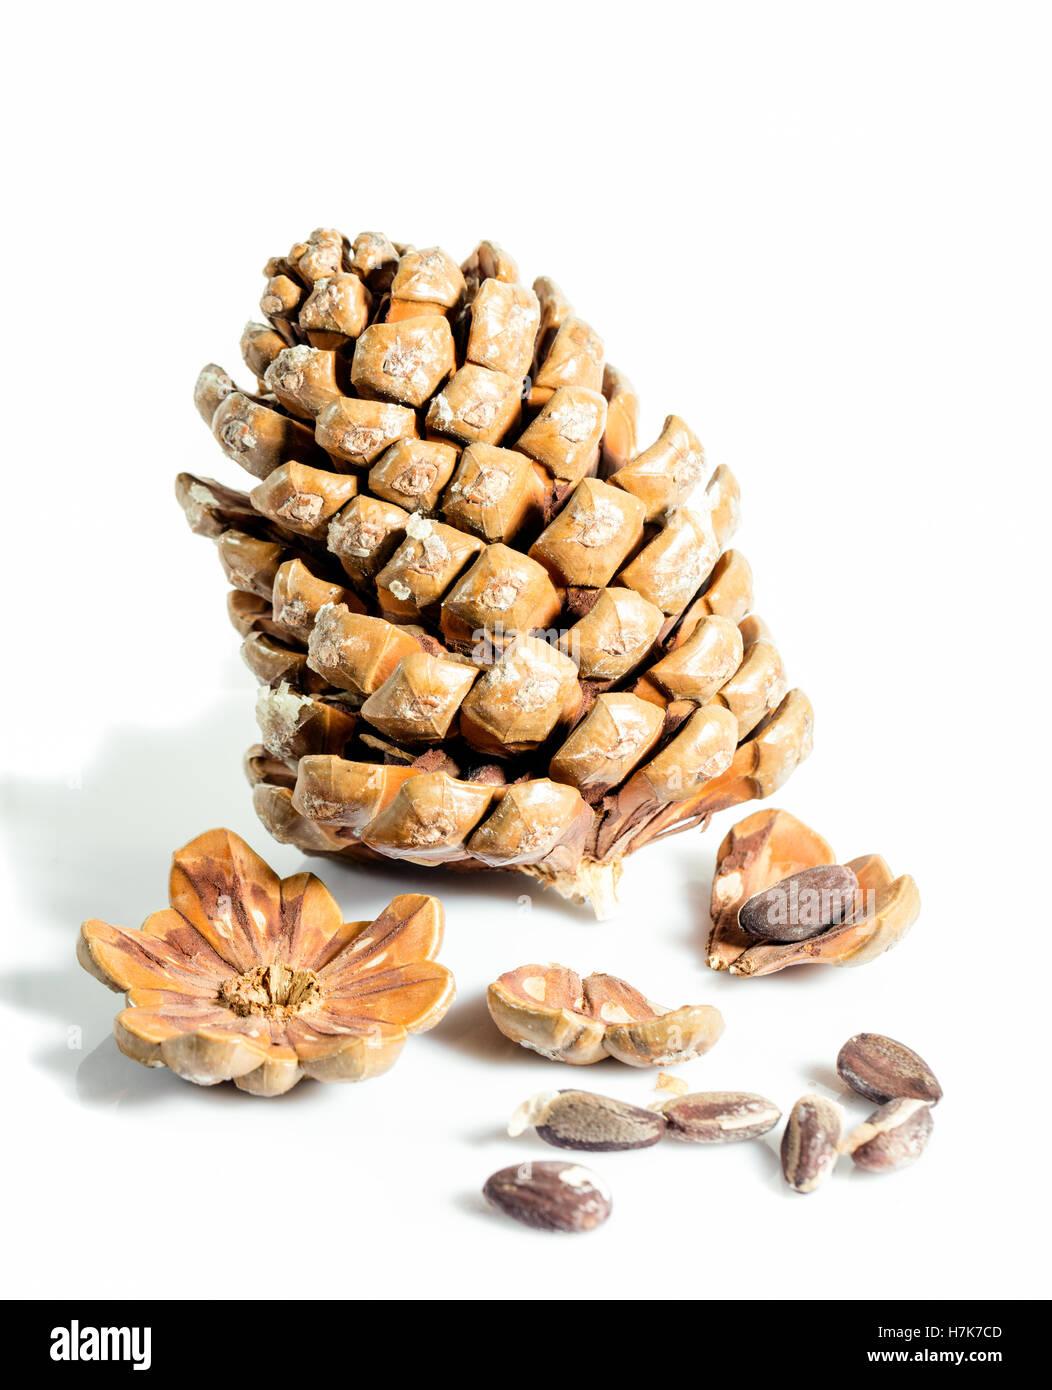 Stone Pine, Pinje (Pinus pinea) - Stock Image